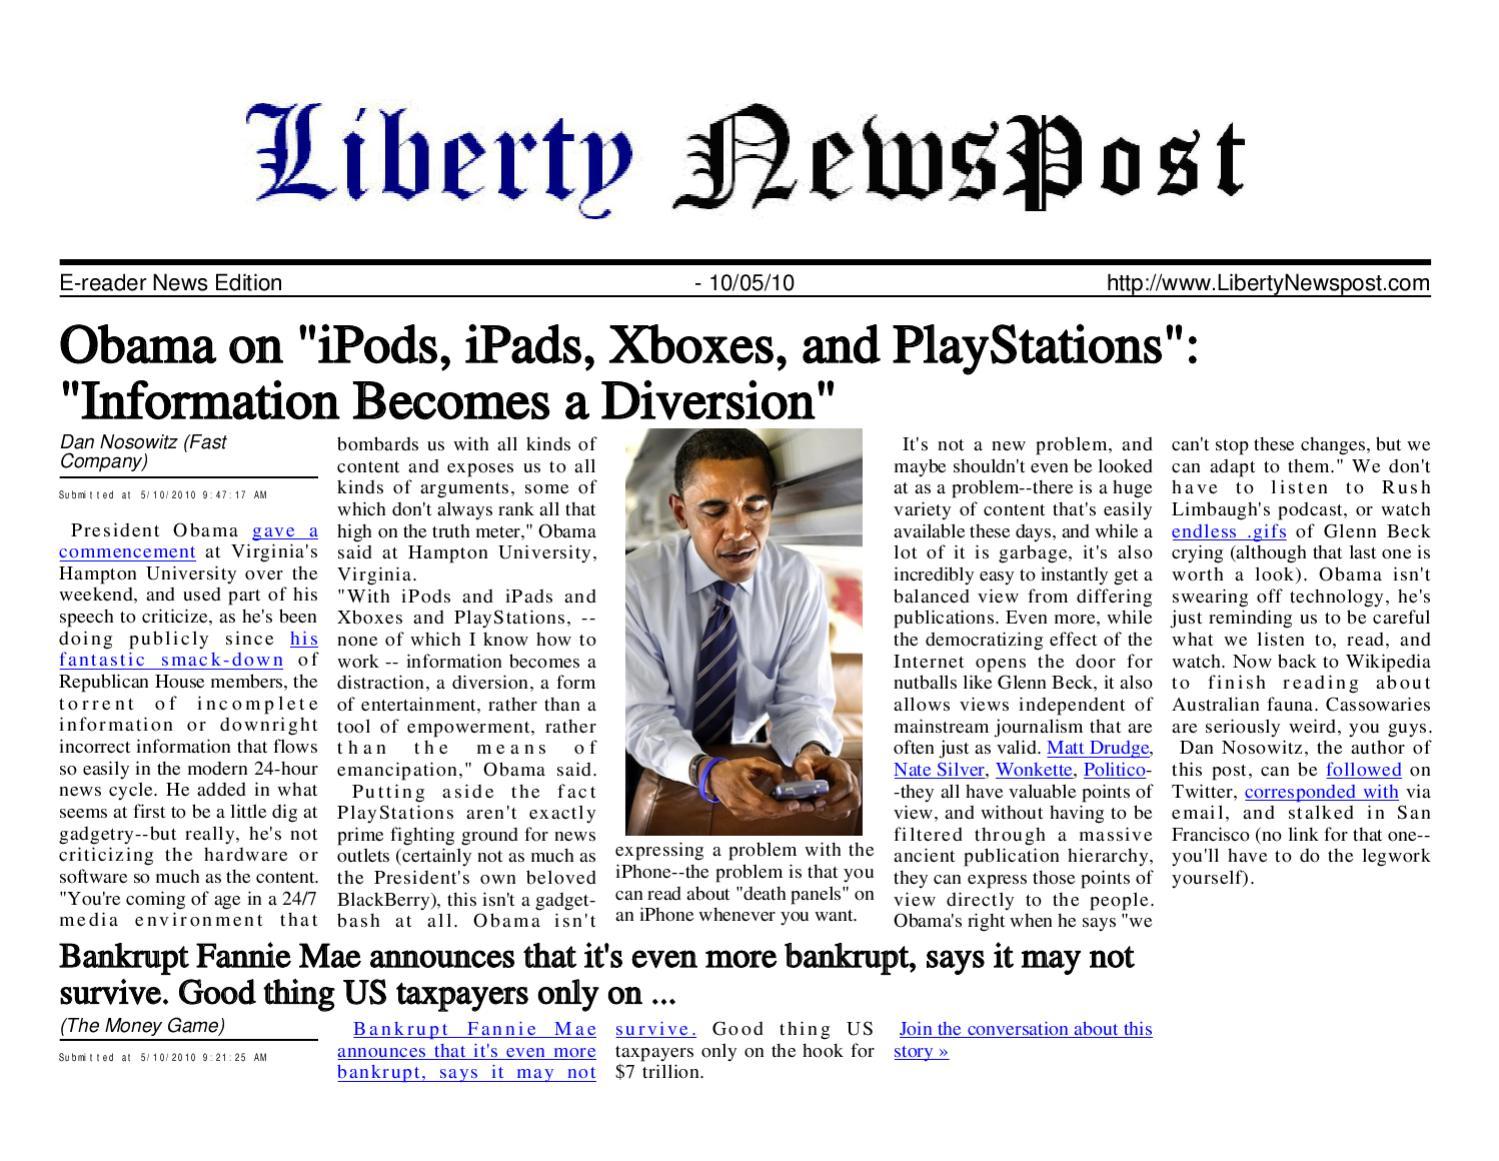 Liberty Newspost May-10-10 by Liberty Newspost - issuu